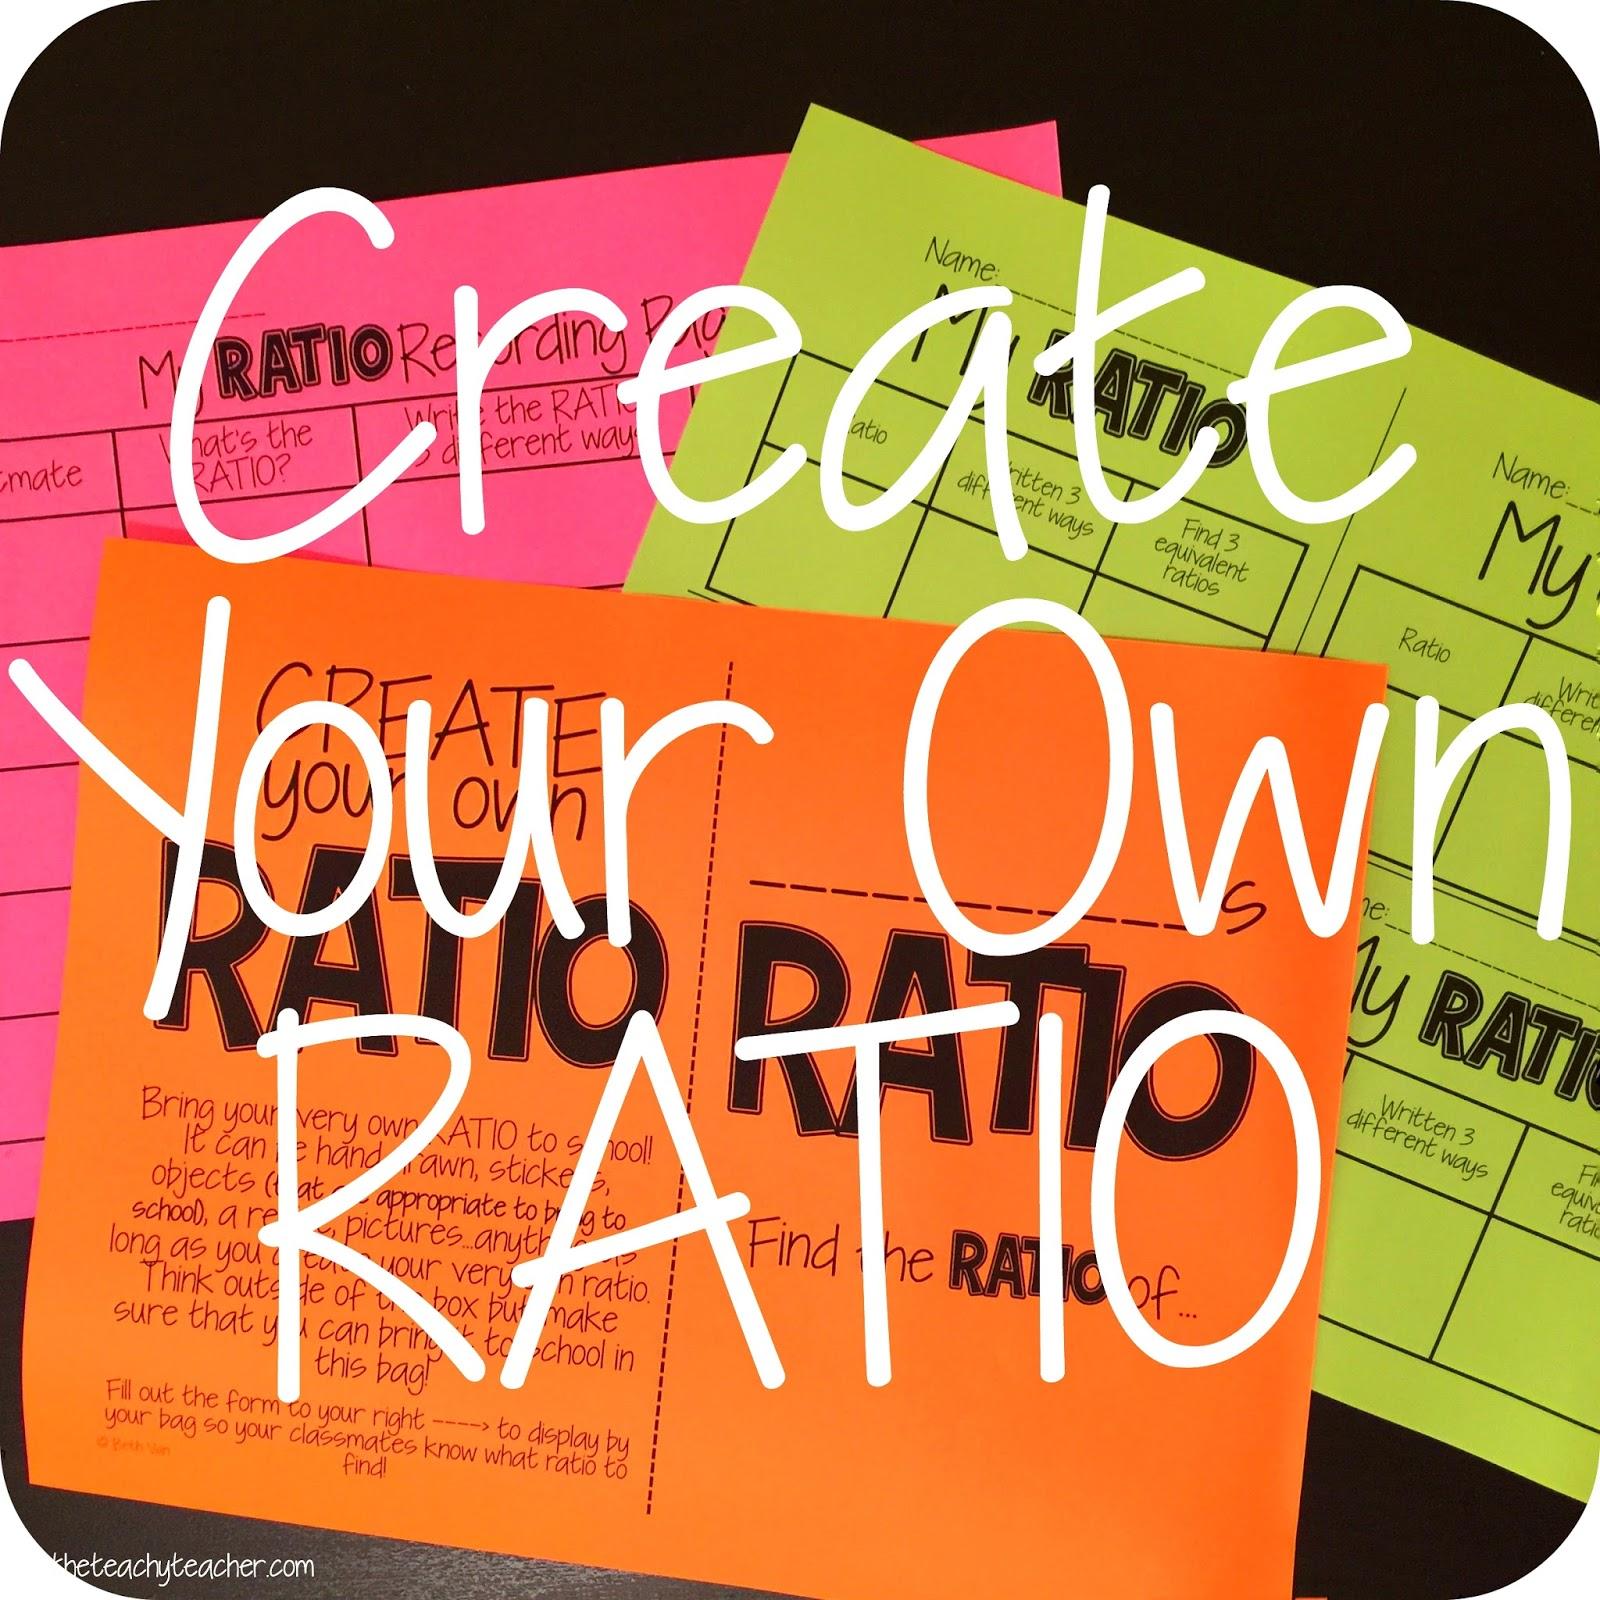 Theteachyteacher Round 2 Create Your Own Ratio